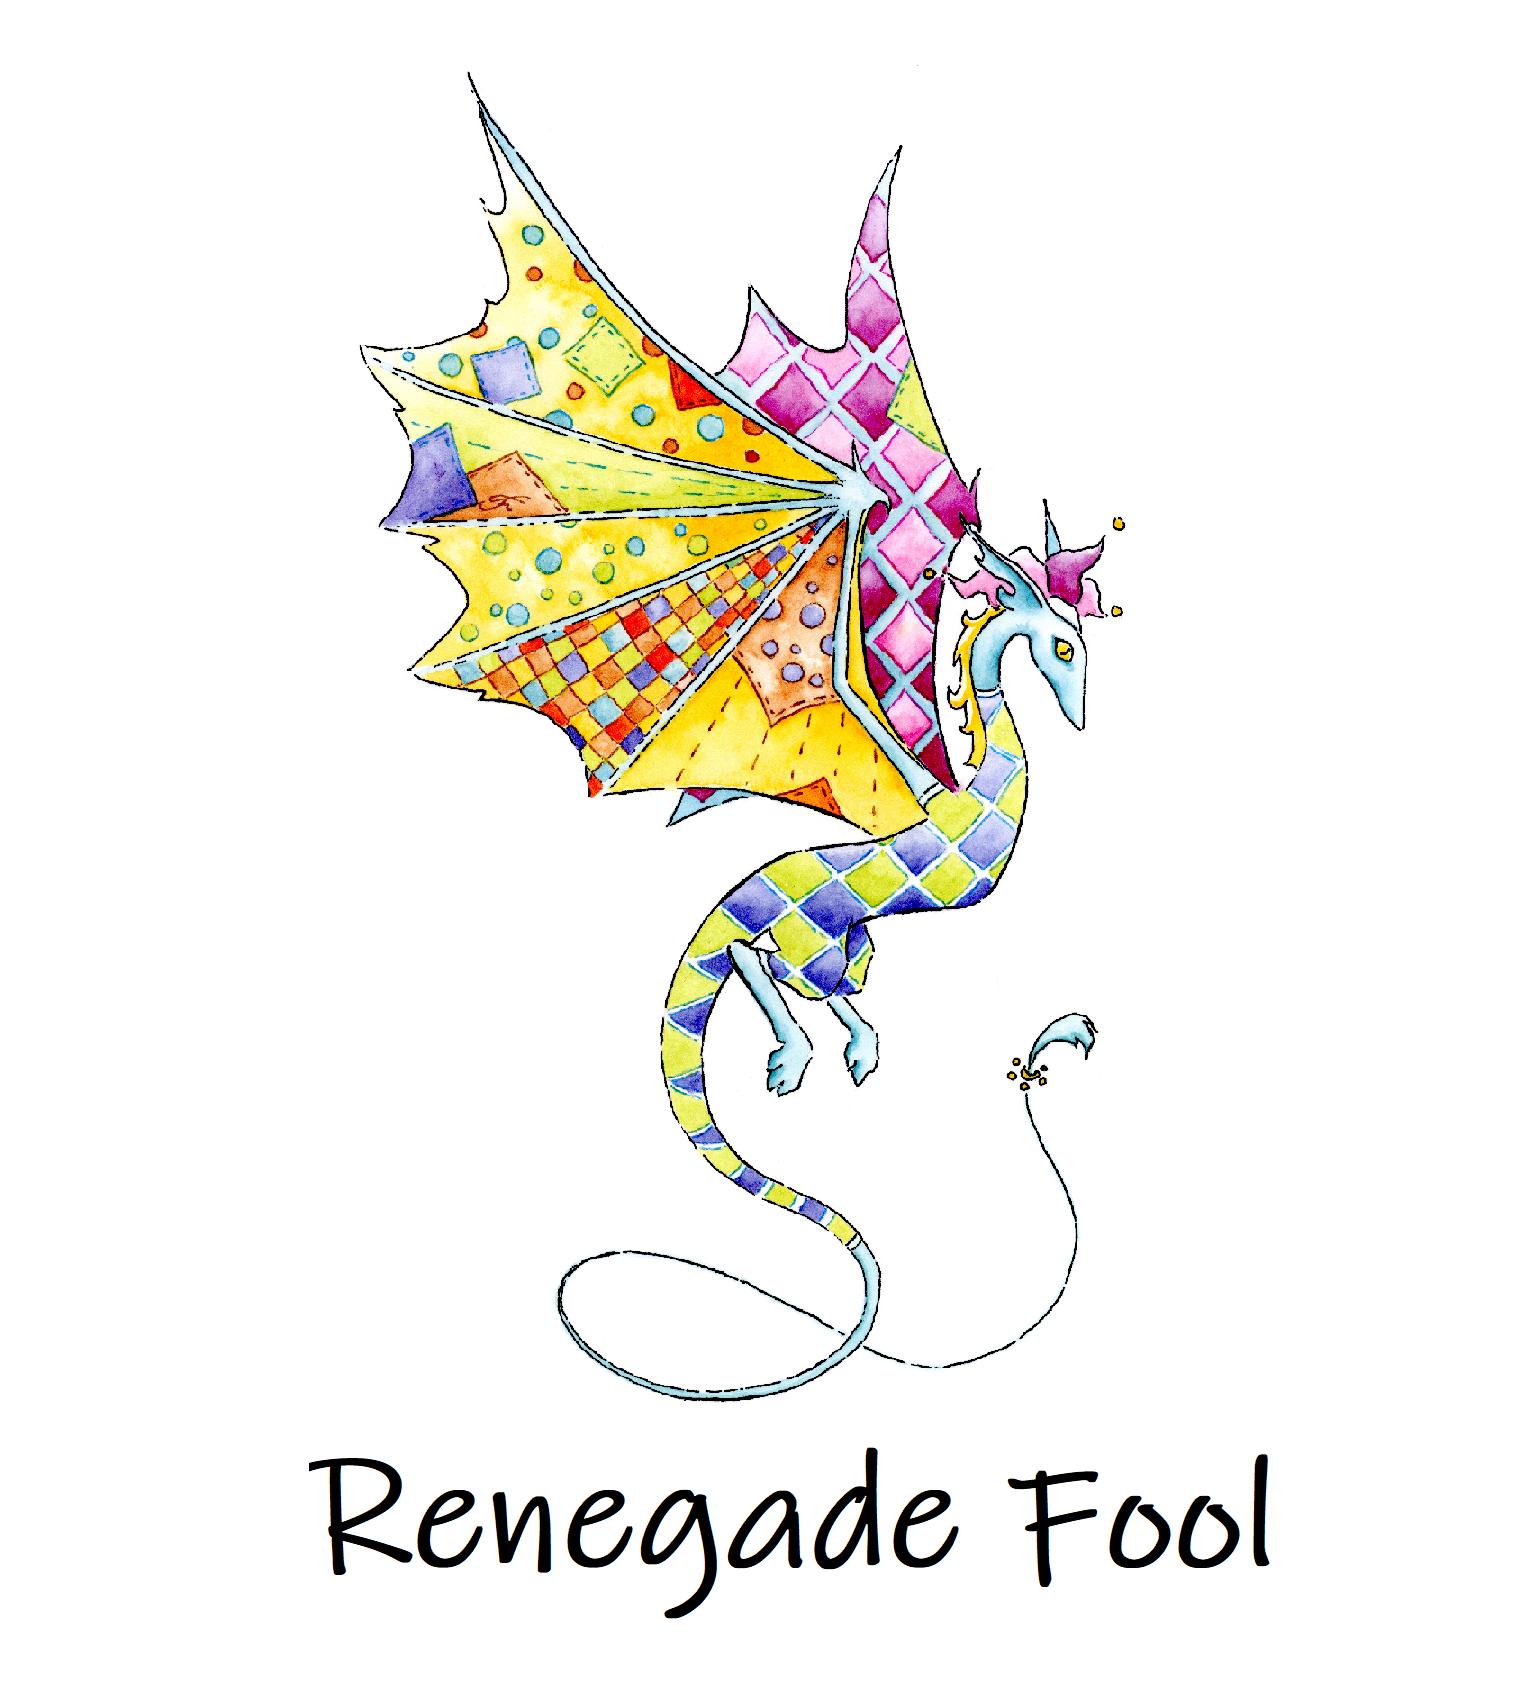 Renegade Fool